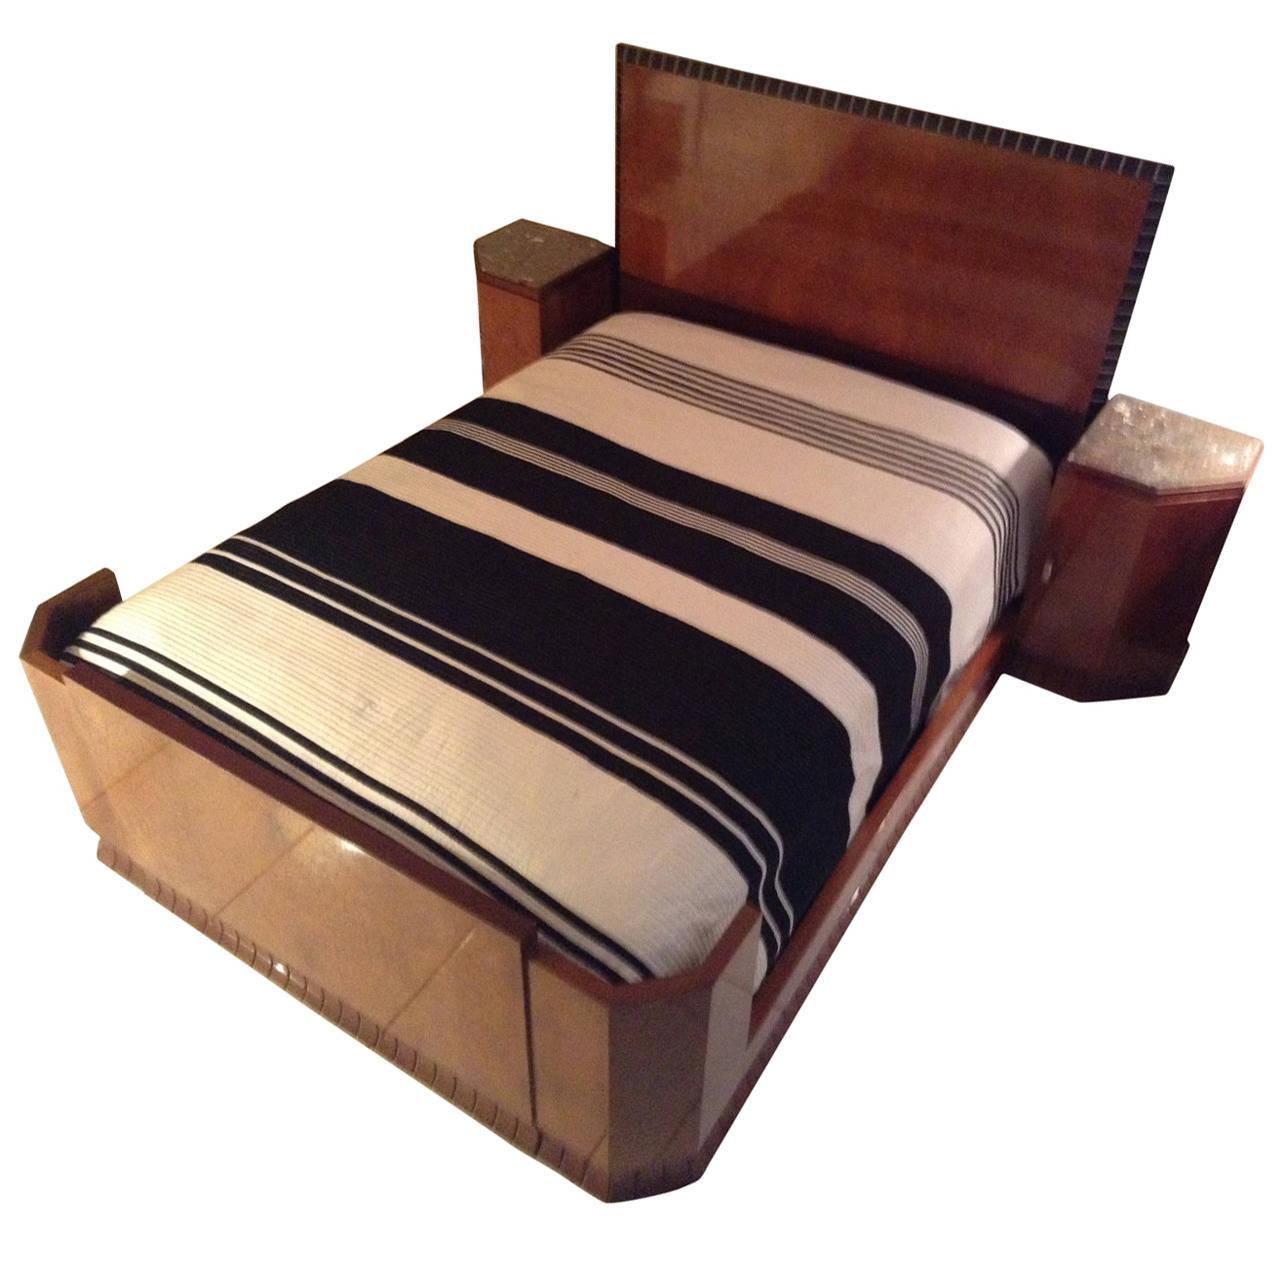 French art deco modernist bedroom suite bedroom art deco collection - Deco volwassen bed ...